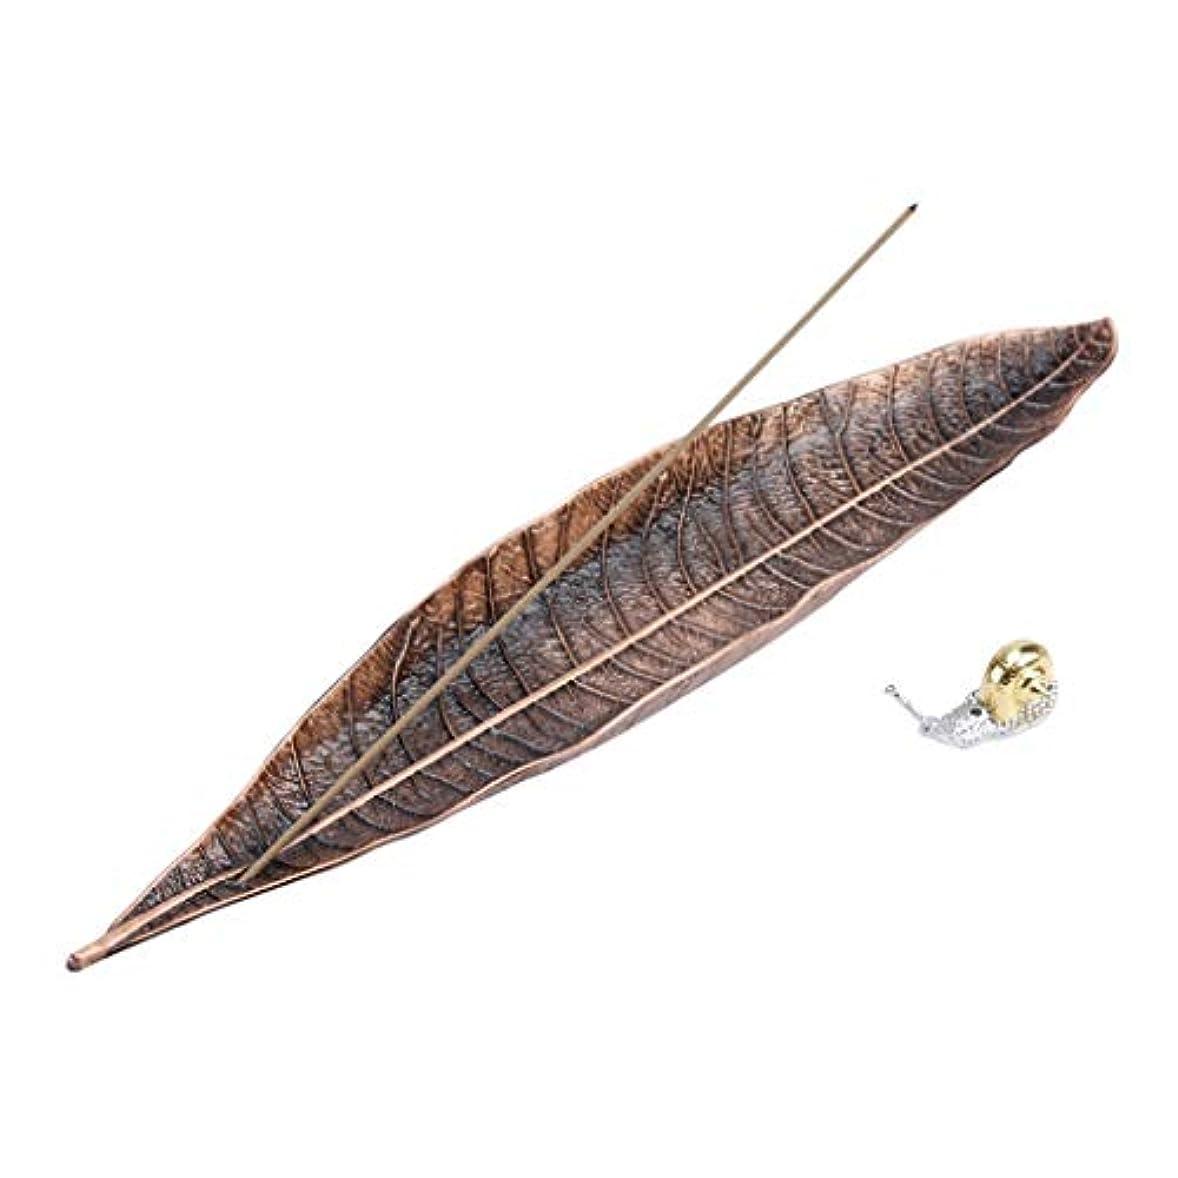 成熟逆説我慢するホームアロマバーナー カタツムリの香の棒のホールダーの家の装飾の付属品が付いている葉の香のホールダーの灰のキャッチャーの長い香バーナー 芳香器アロマバーナー (Color : A)